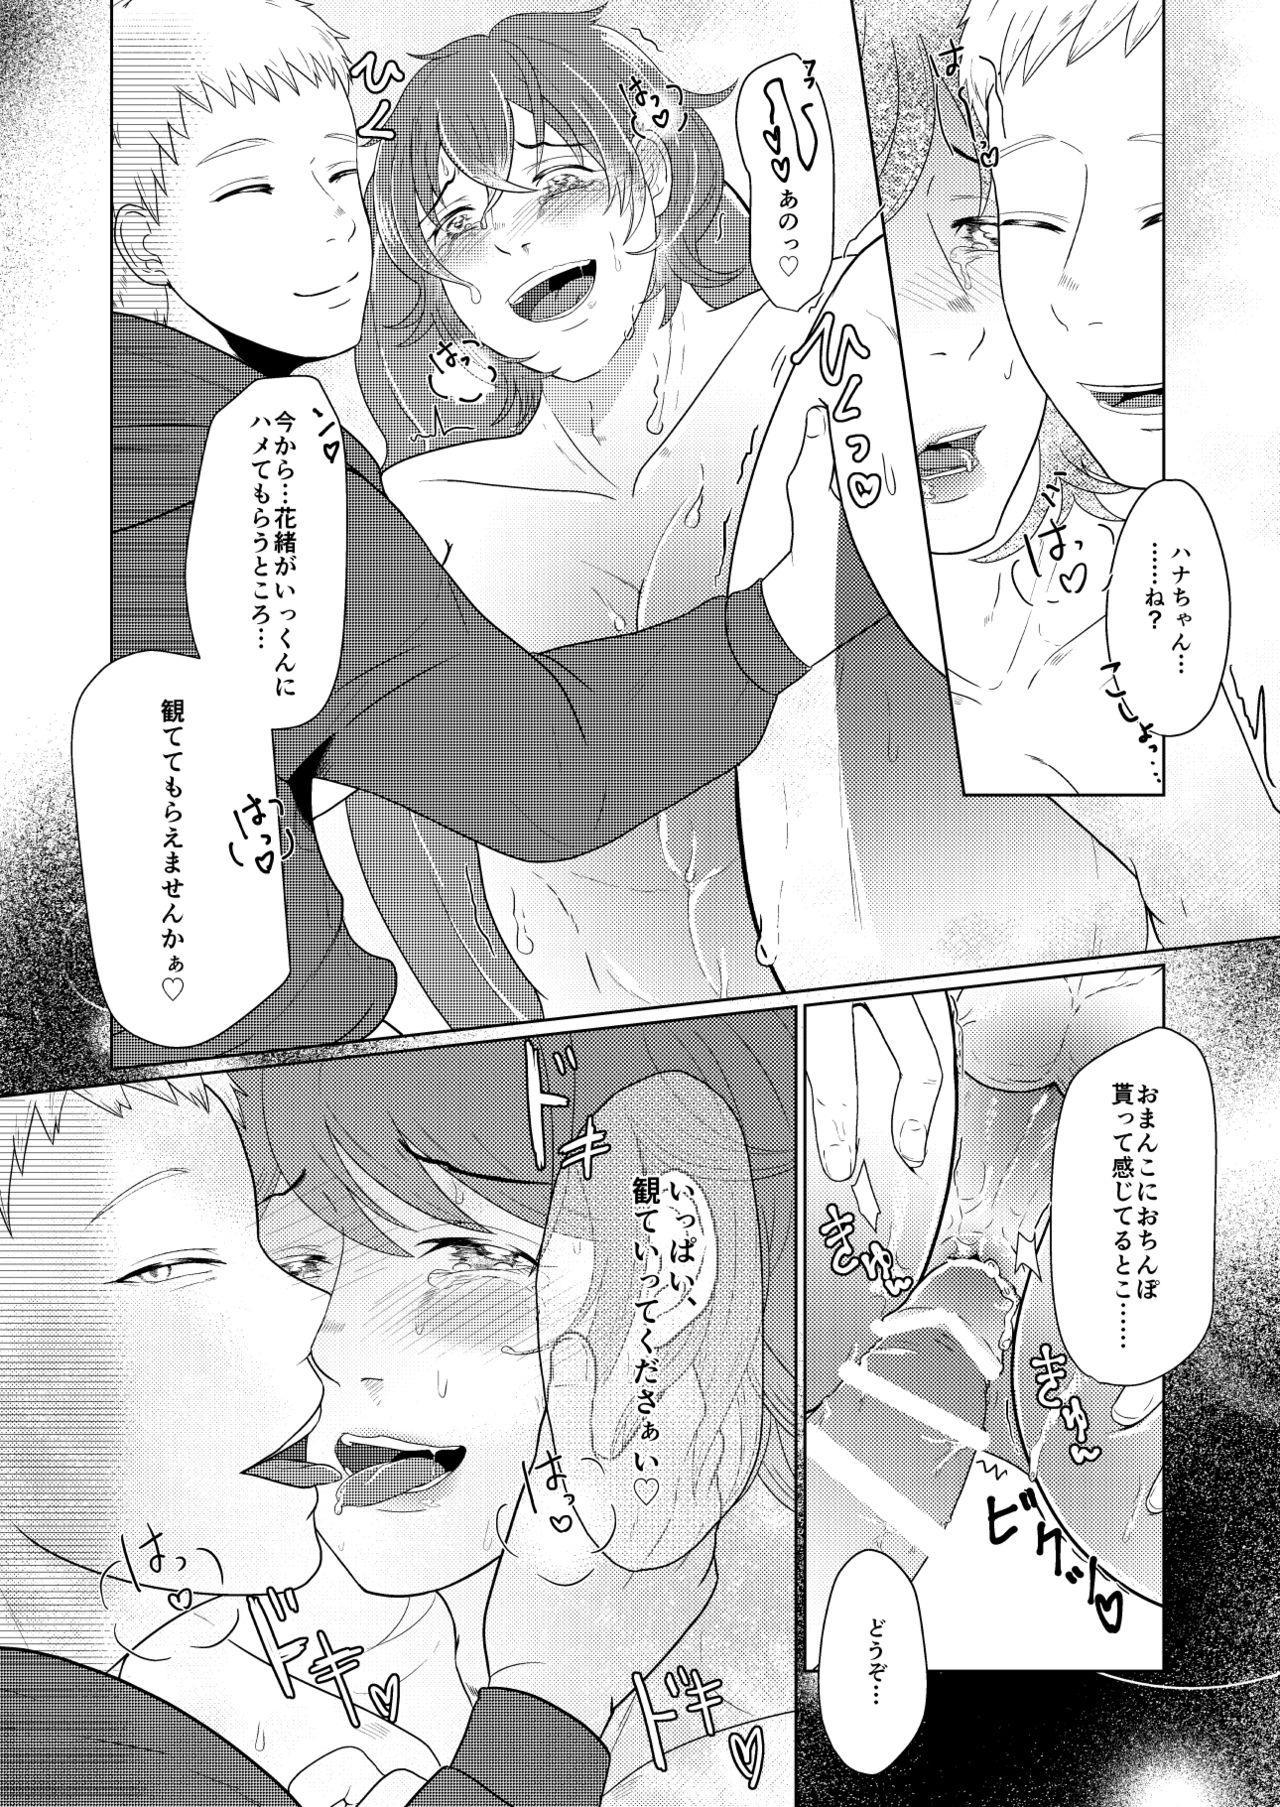 SM調教漫画⑤公開調編+α 14